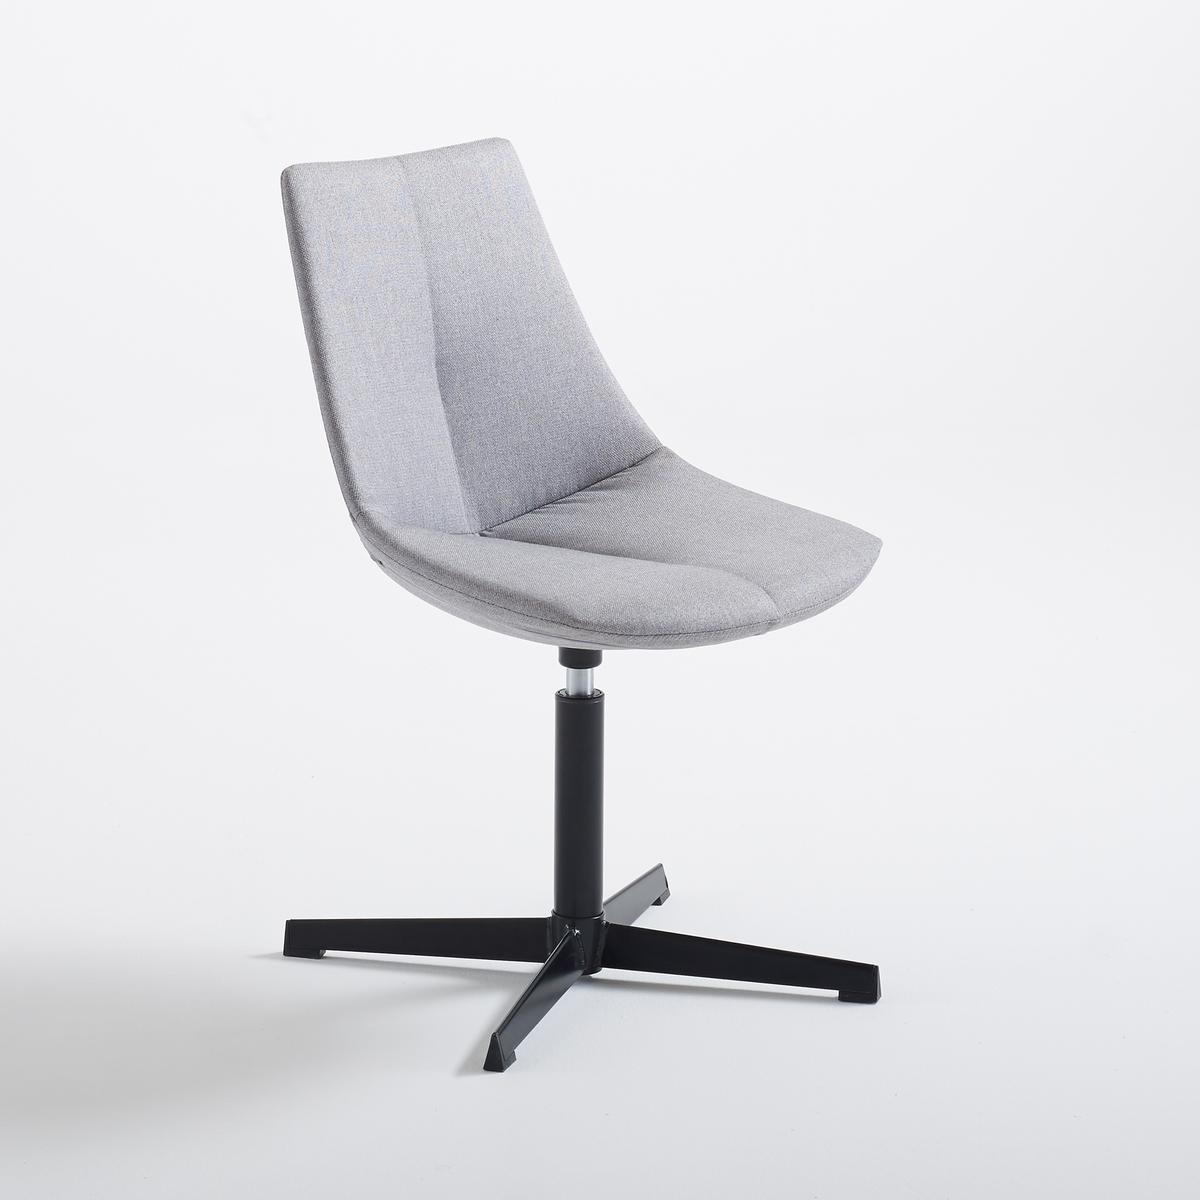 Стул офисный с вращающимся сиденьем NumaСтул офисный с вращающимся сиденьем, Numa . Благодаря минималистическому и элегантному дизайну стул Numa гармонично подойдет под любую обстановку.Описание офисного стула Numa :Вращающееся  сиденье без регулировки по высоте .Характеристики офисного стула Numa :Сиденье из ткани 100% полиэстера .Низ и ножка из стали с эпоксидным покрытием .Покрытие каркаса из полипропилена  .Найдите другие моделли коллекции Numa на сайте laredoute .ruРазмеры стула Numa :ОбщиеШирина : 62,5 см Высота : 80,5 см Глубина : 62,5 см Сиденье52 x 48,5 x 62,5 см Размеры и вес ящика :1 посылка52 x 48,5 x 62,5 см  9 кгДоставка :Офисный стул Numa продается готовым к сборке . Доставка осуществляется до квартиры !Внимание ! Убедитесь, что товар возможно доставить на дом, учитывая его габариты (проходит в двери, по лестницам, в лифты).<br><br>Цвет: светло-серый